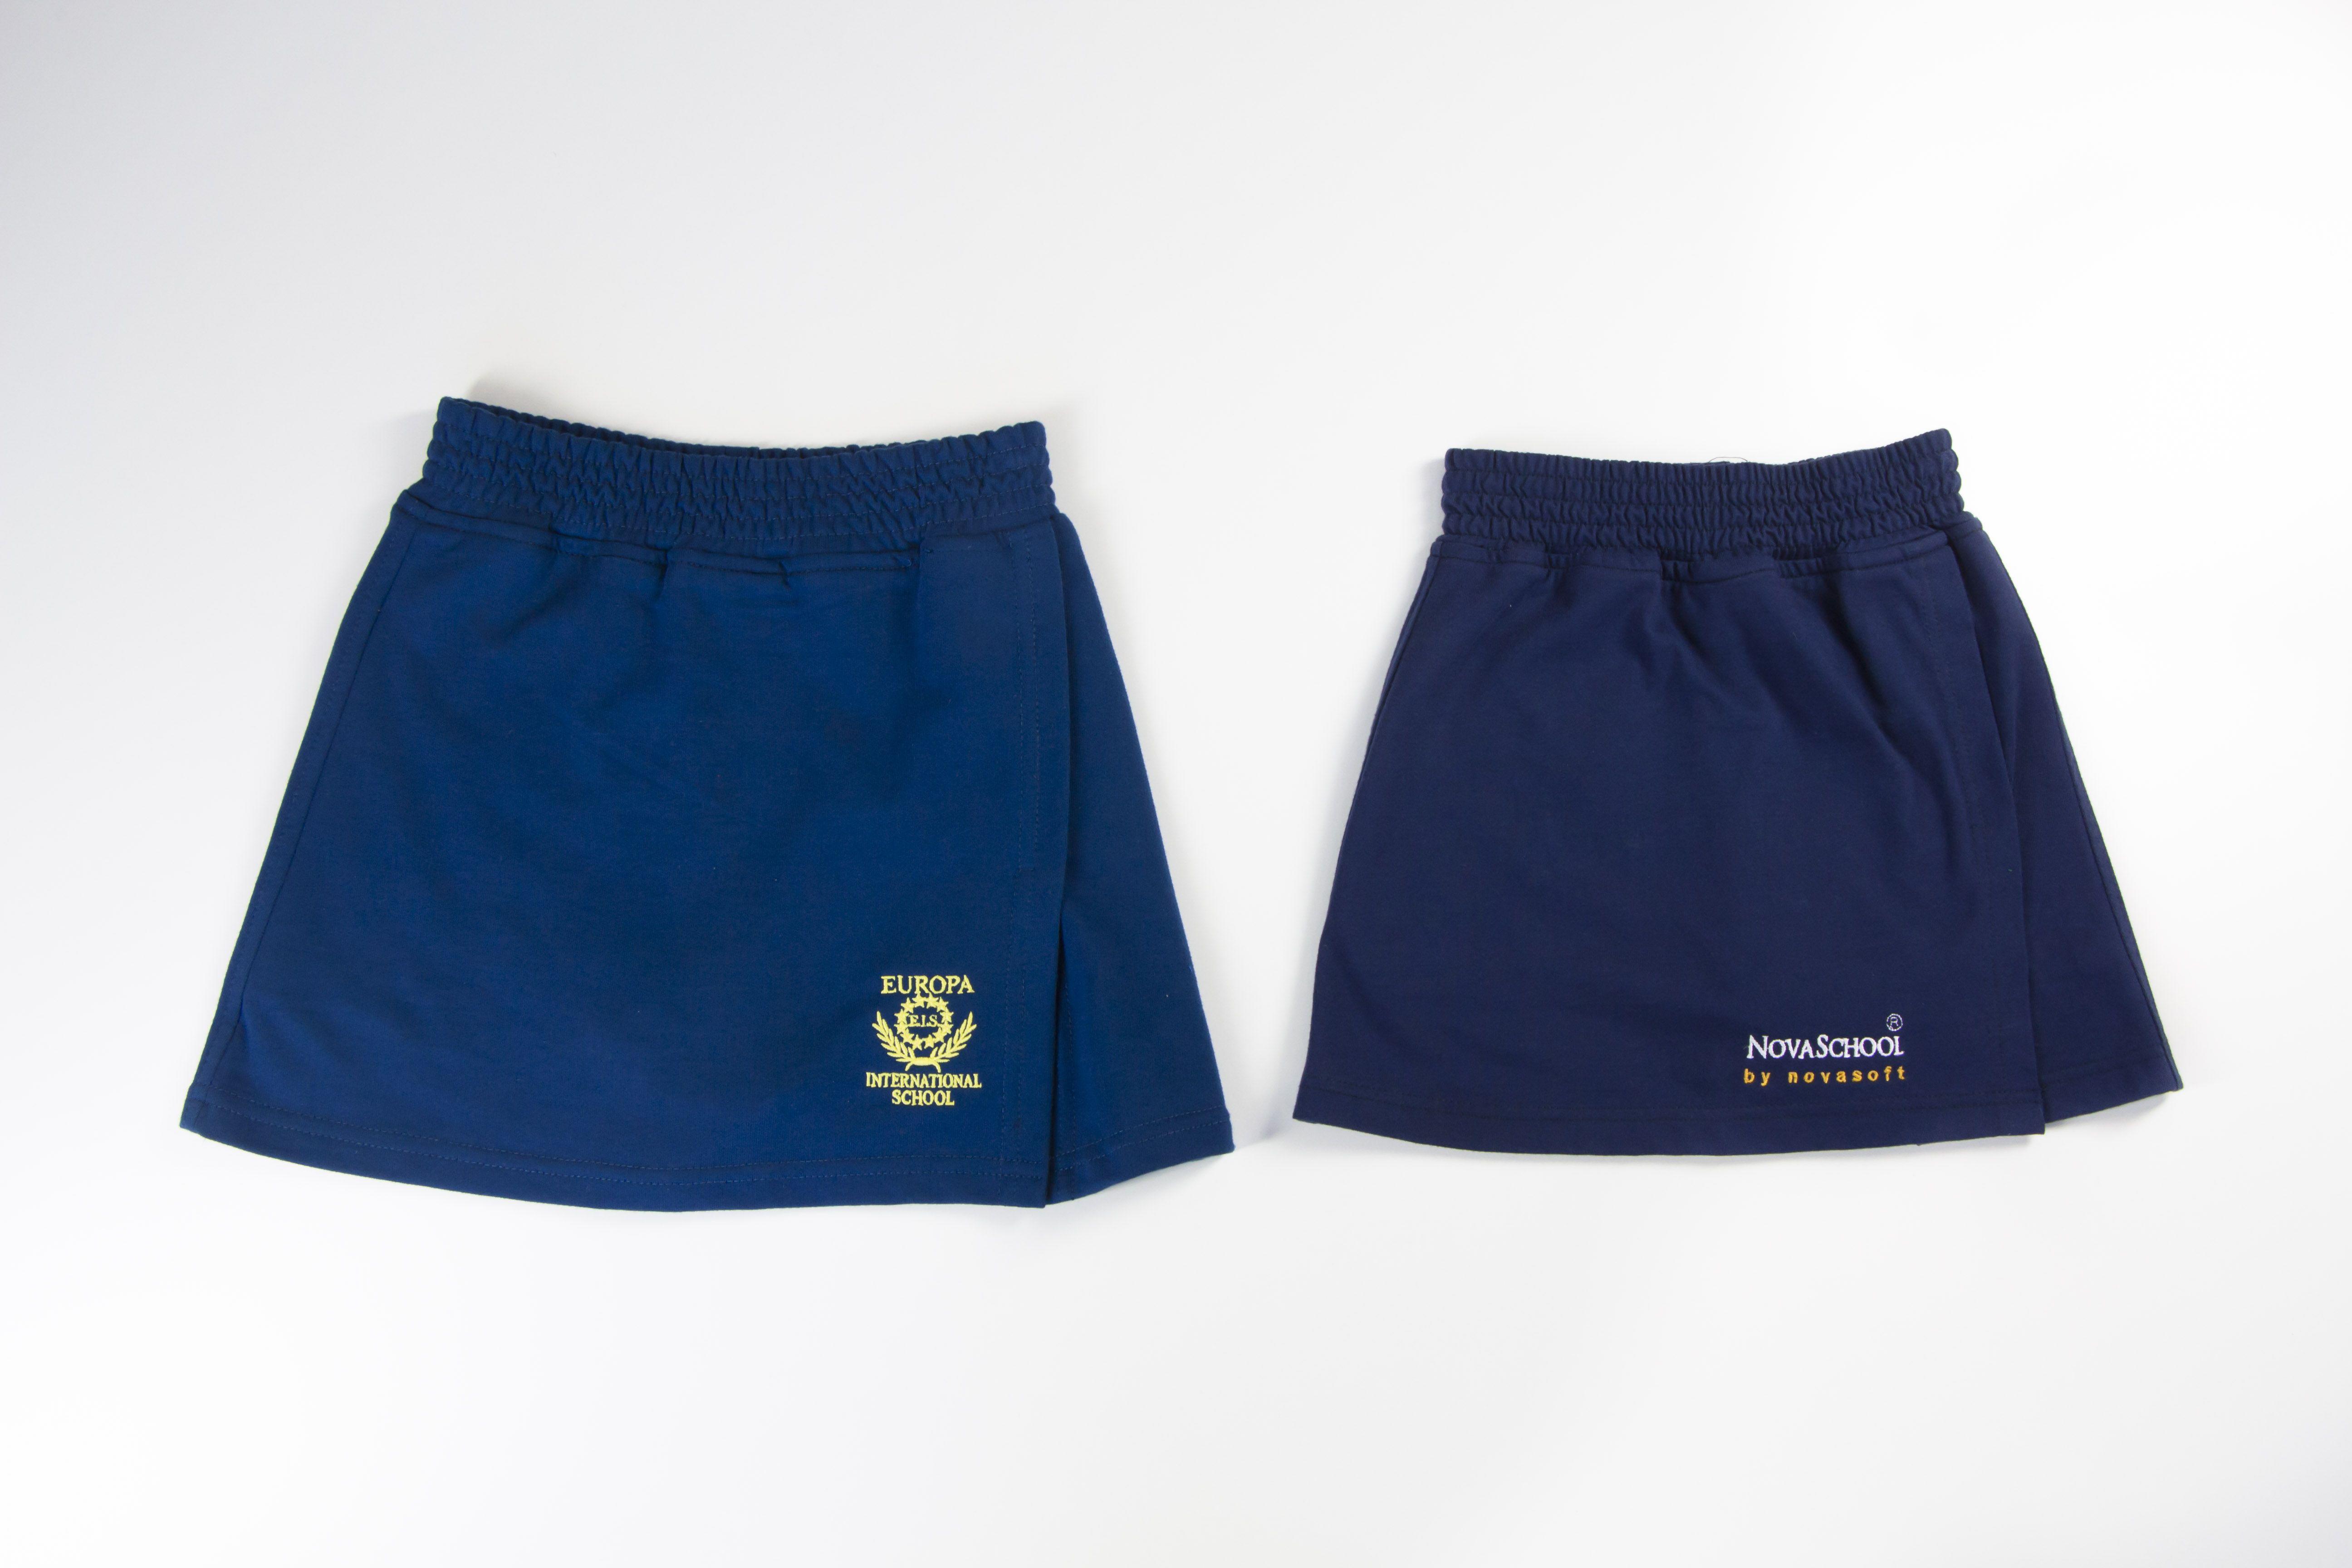 d651457652 La falda pantalón de Camacho Uniformes Escolares otorga una mayor movilidad  y comodidad a las niñas en su día a día escolar.